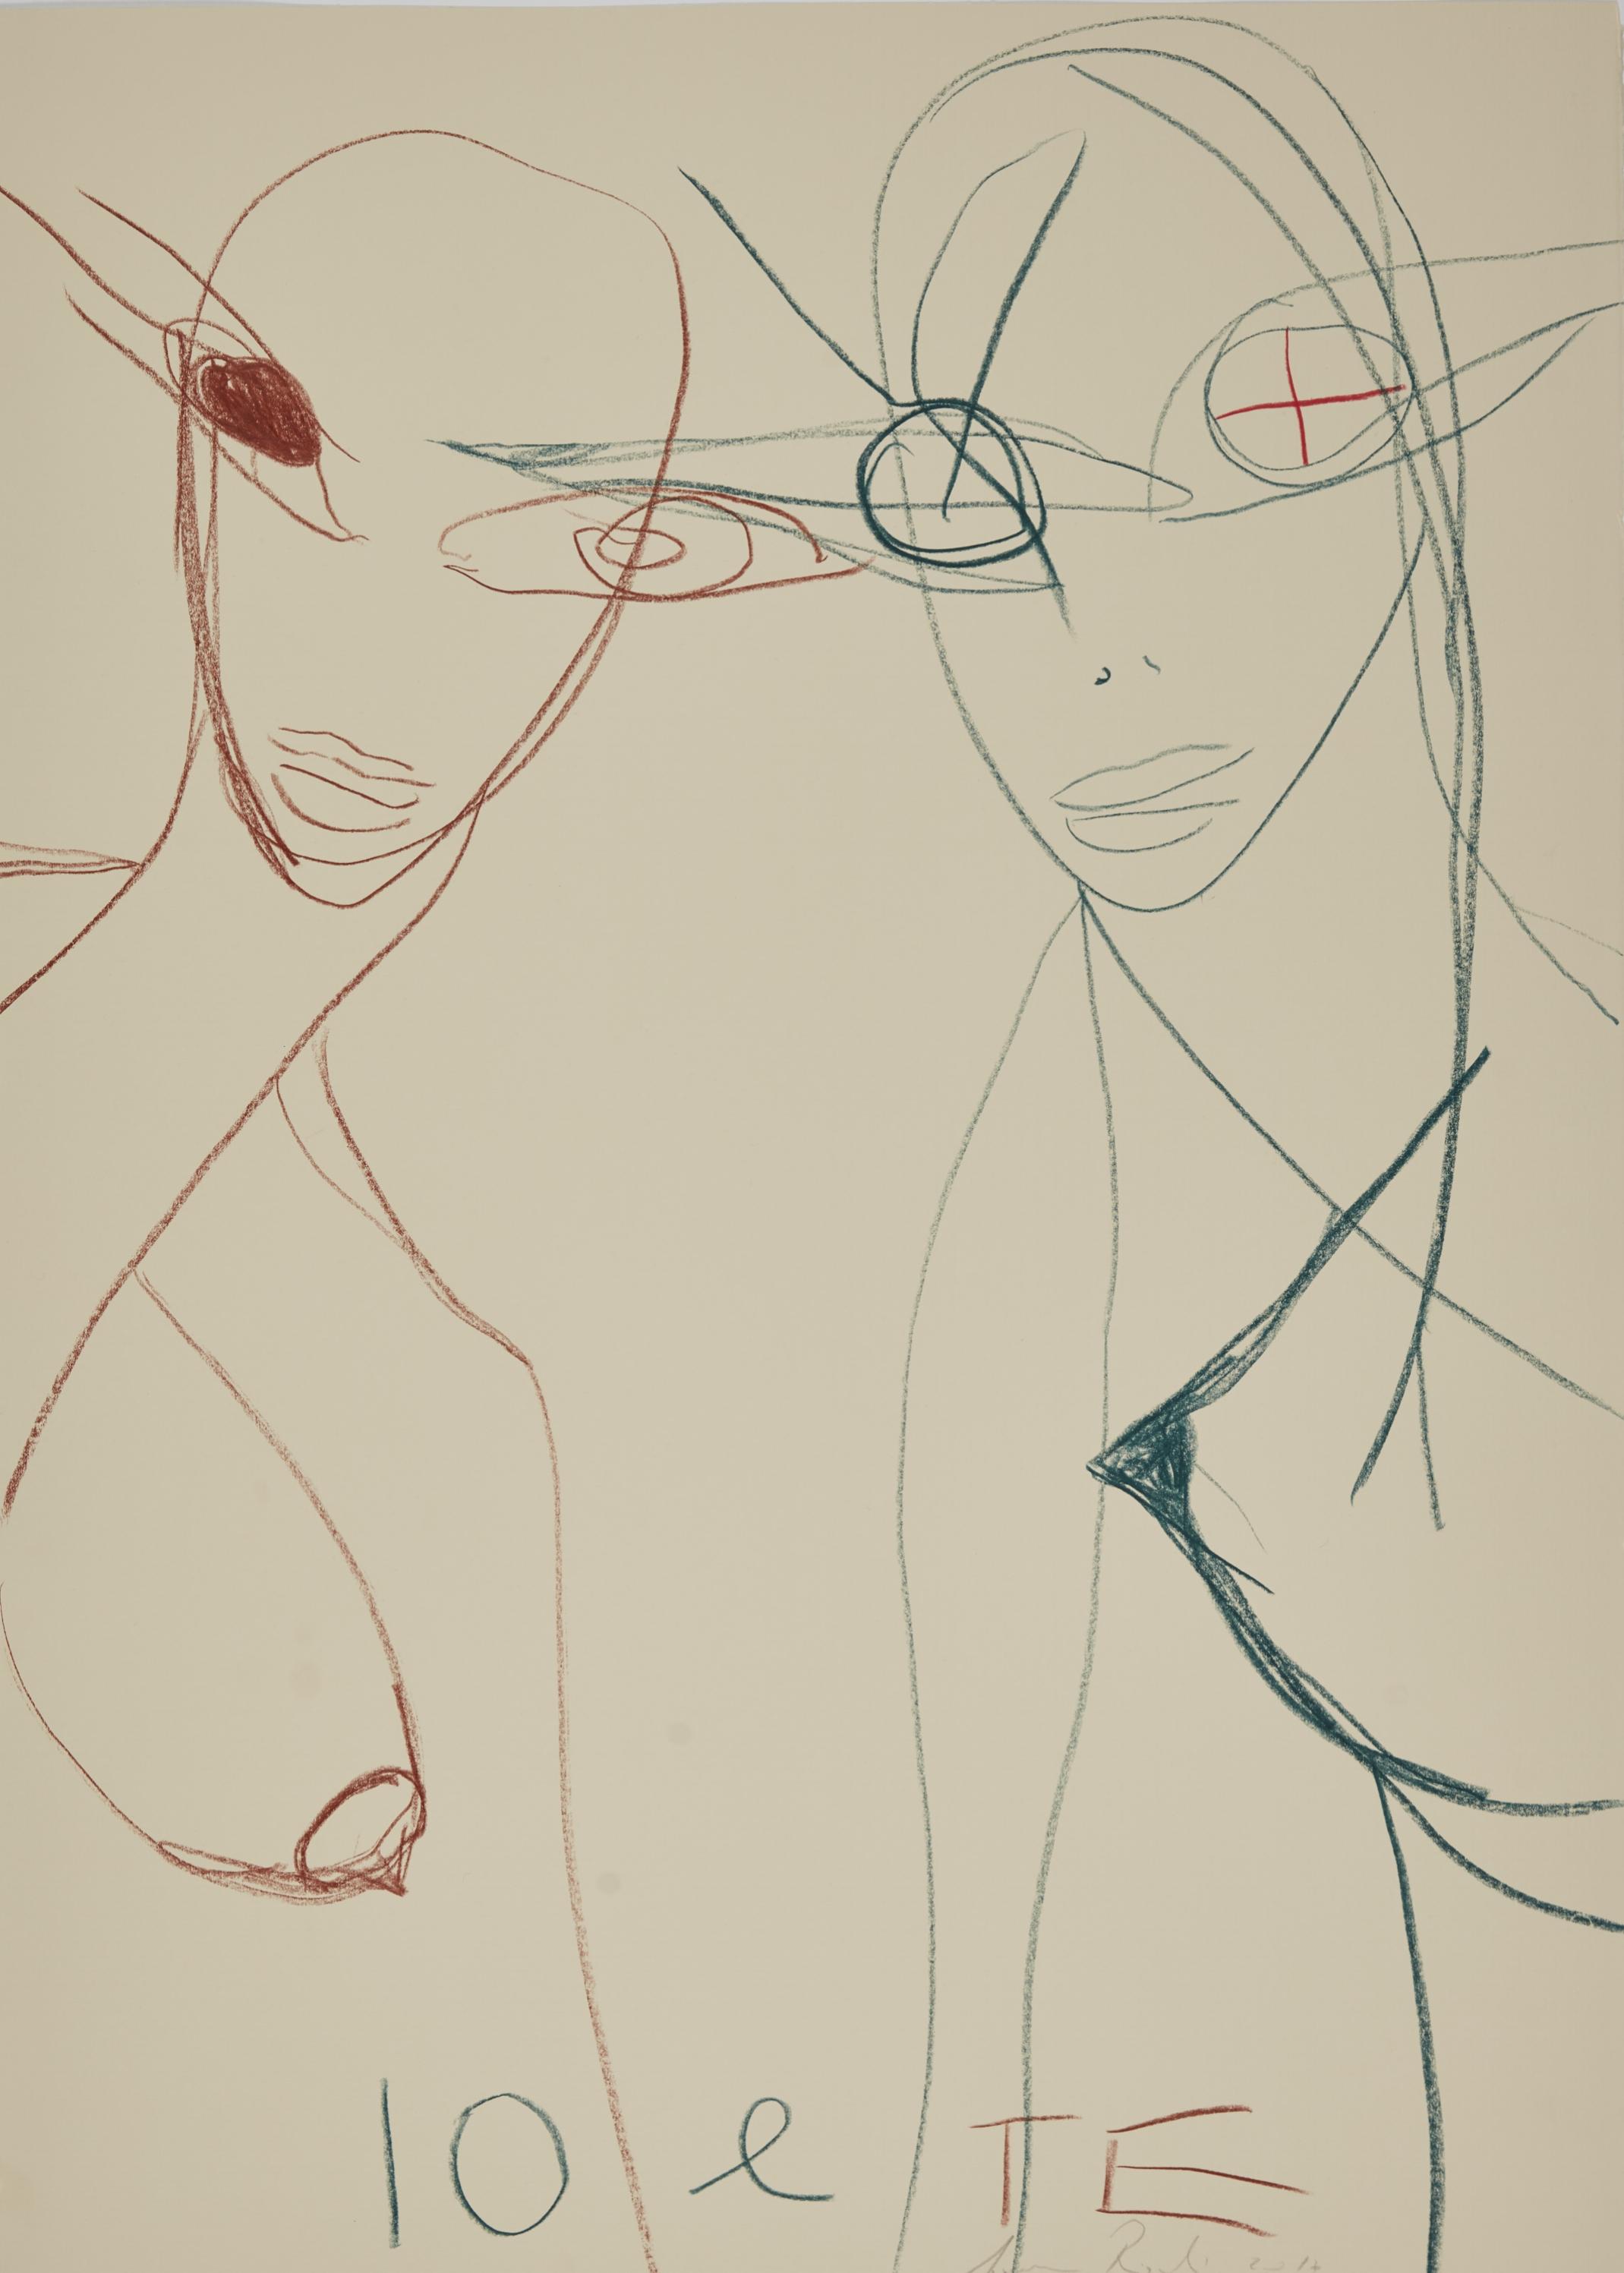 Io e te | Me and You